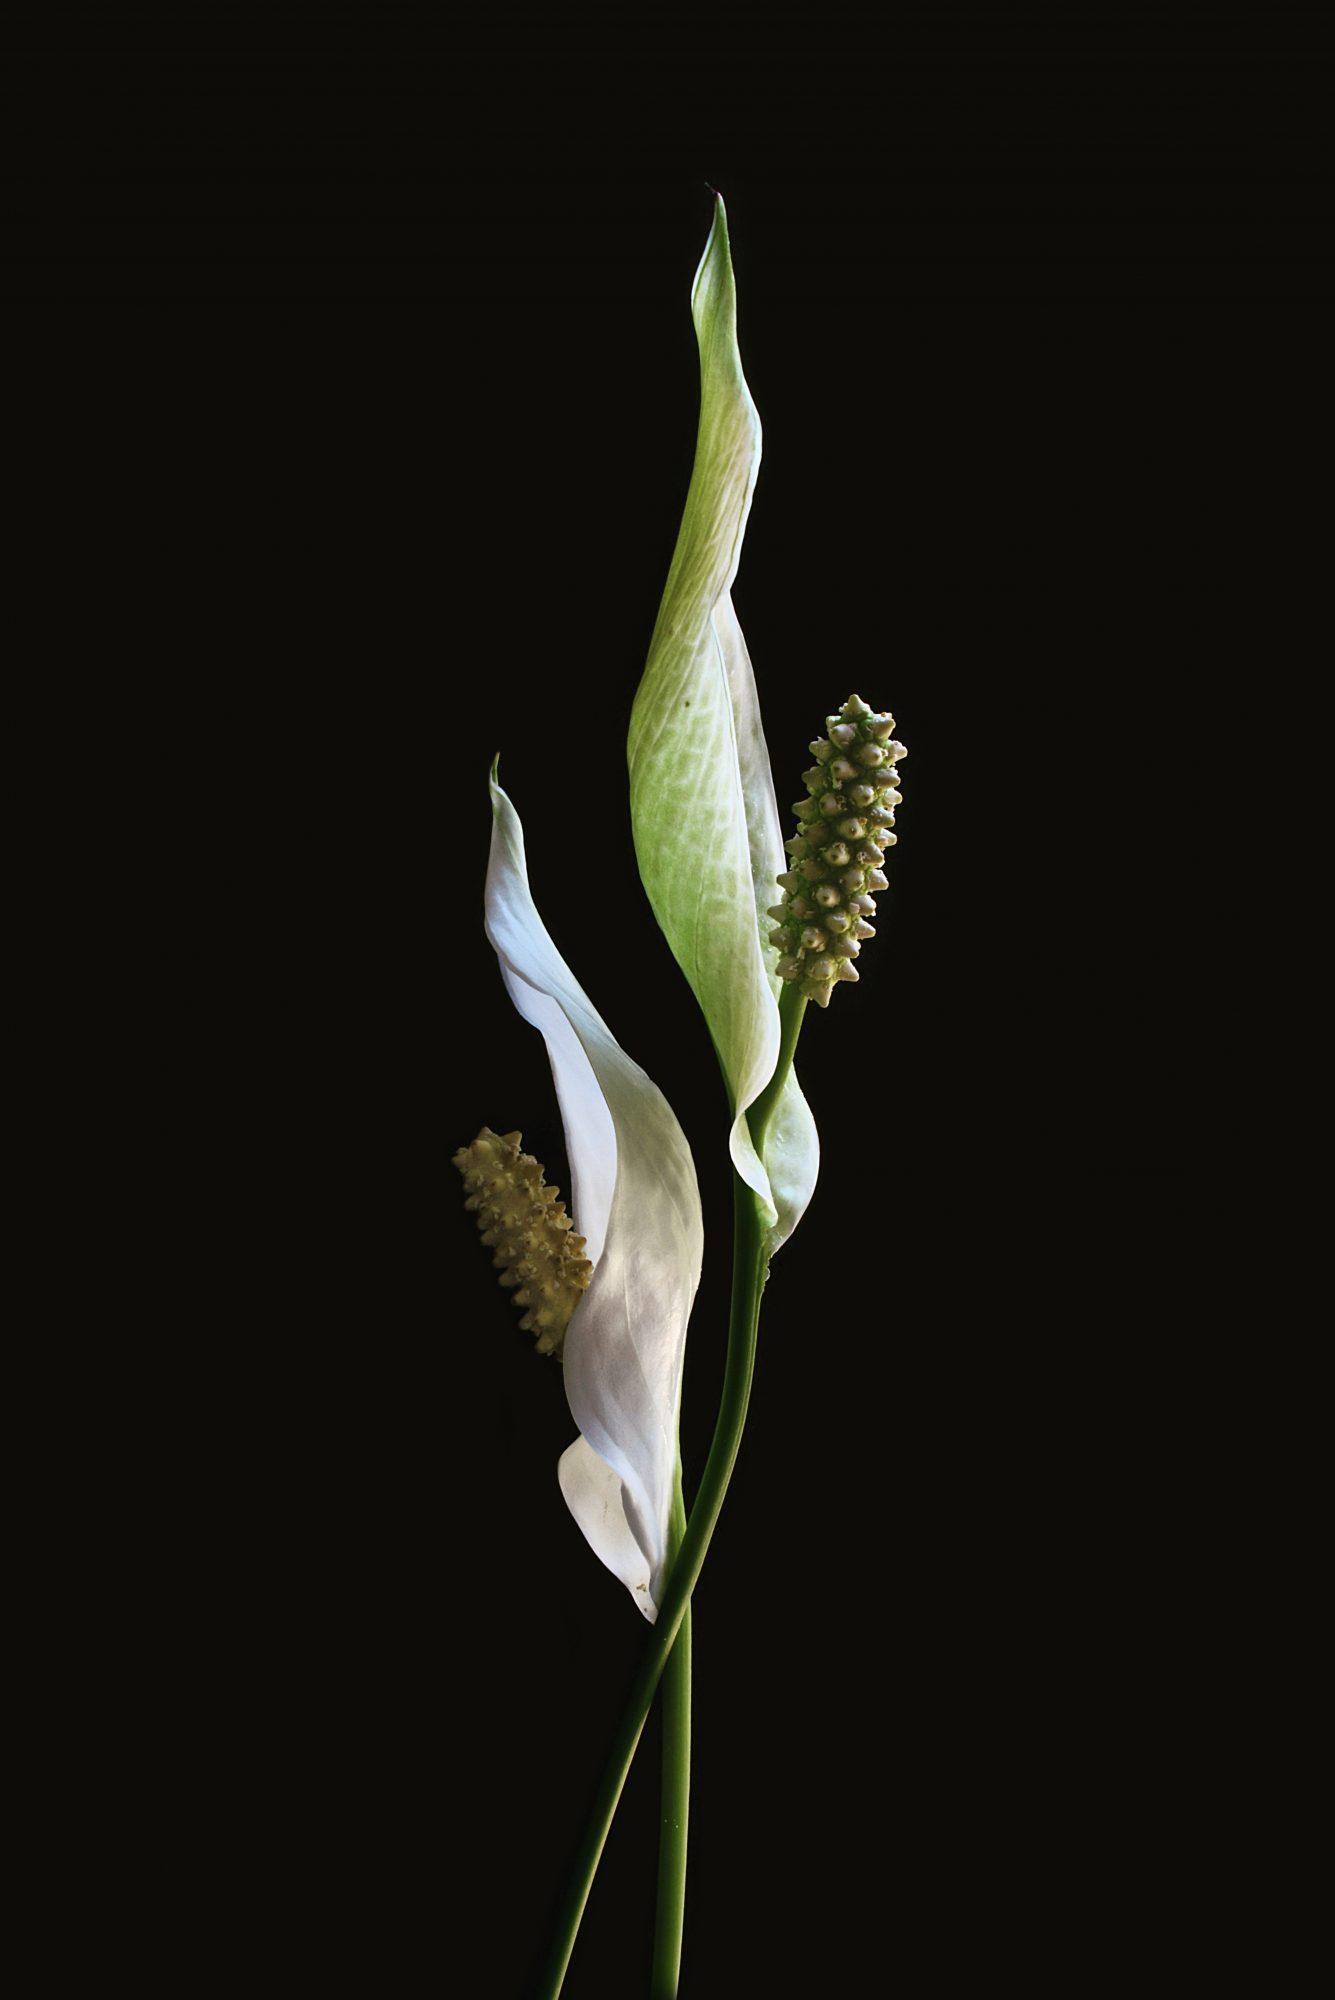 Pllilies